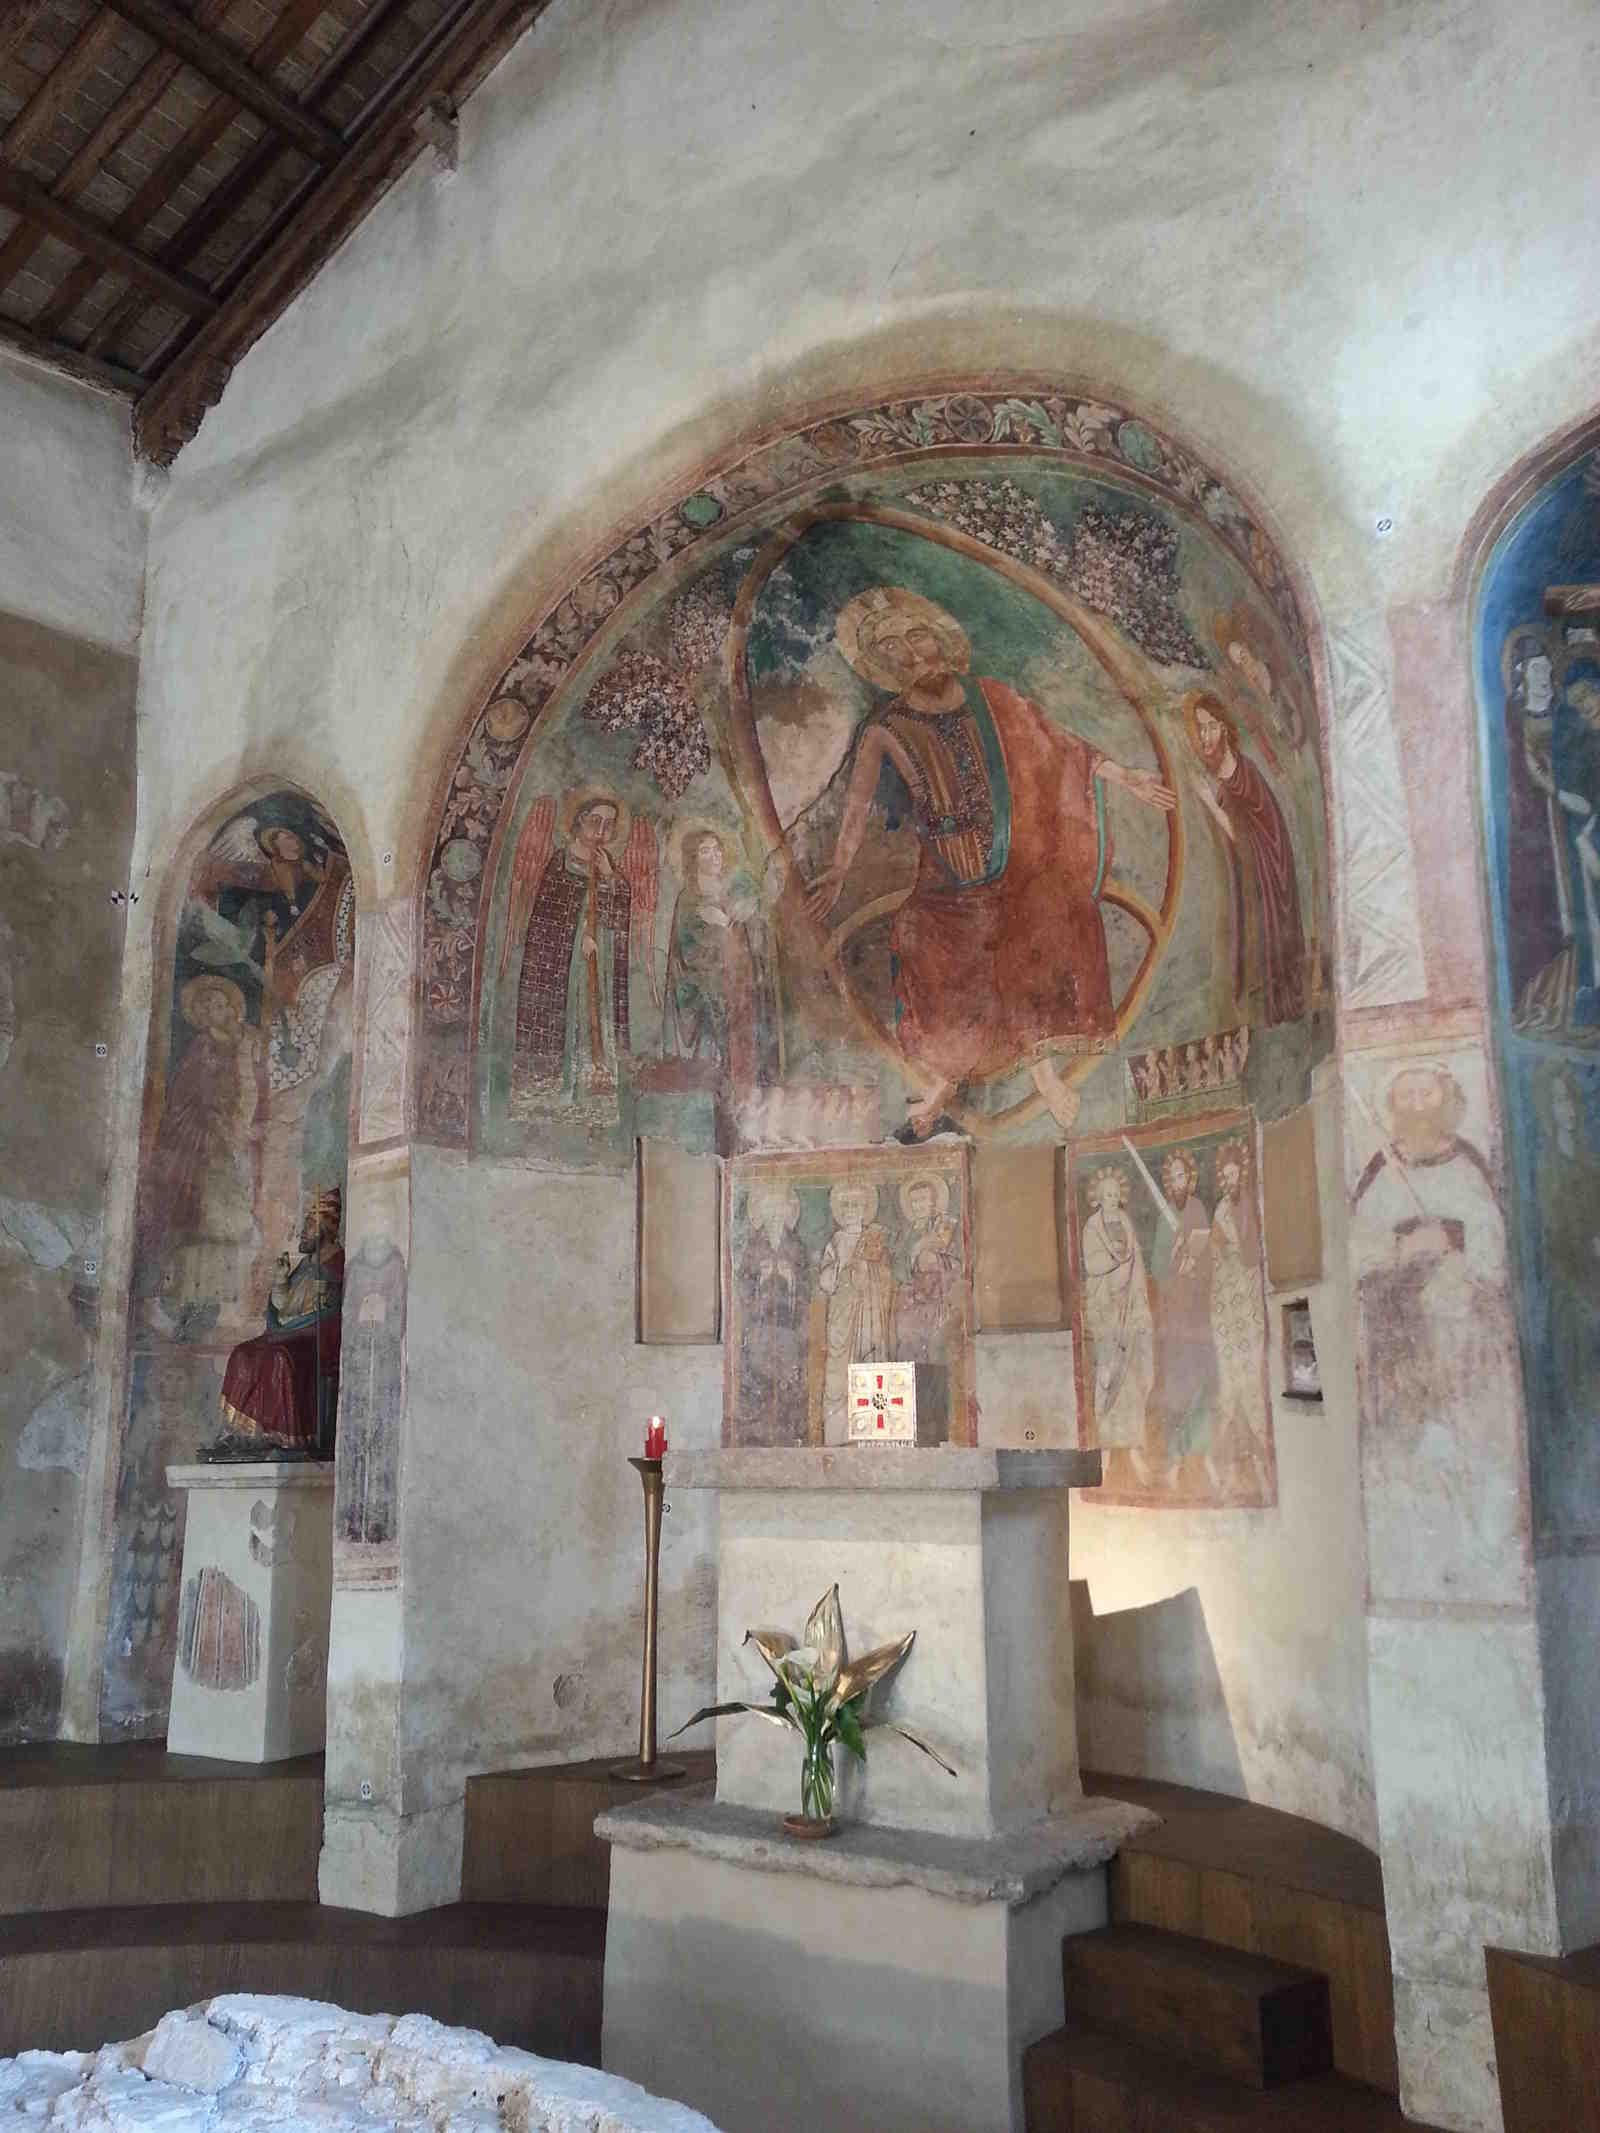 Interno della Chiesetta di San Pietro in Mavinas a Sirmione sul lago di Garda bresciano